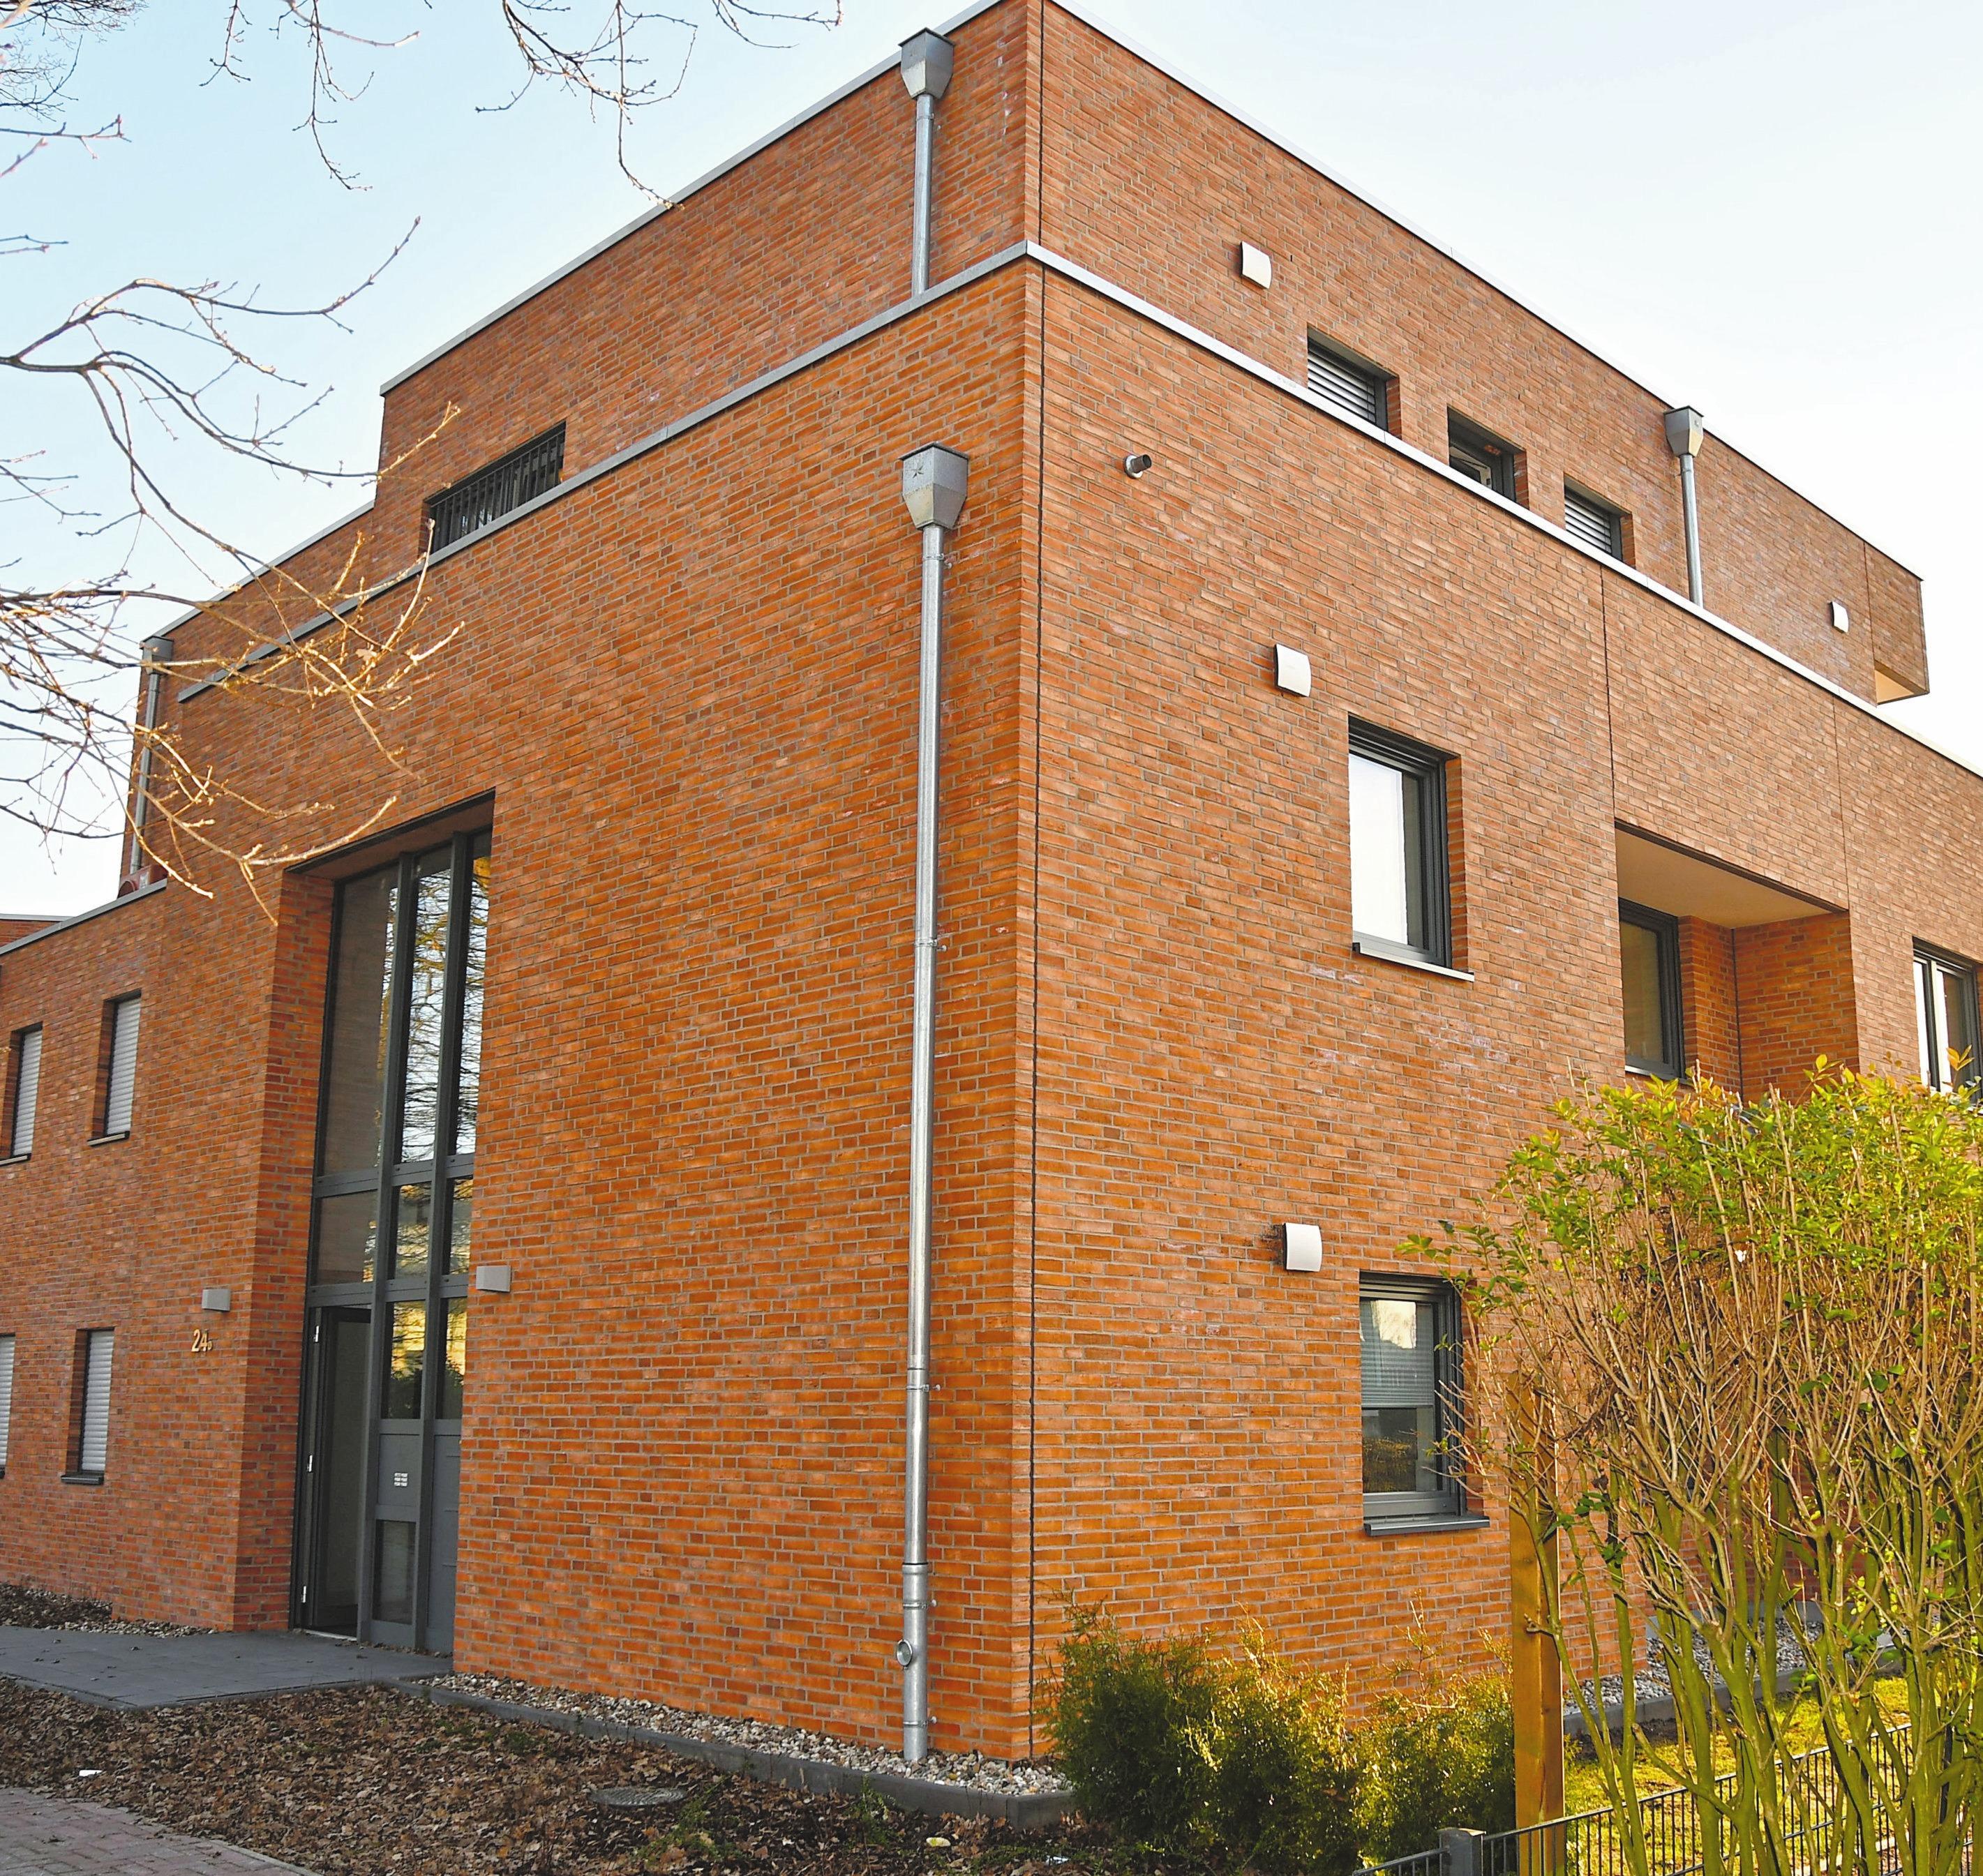 """Der hintere Gebäudekomplex """"Am Diekpohl"""" 24b bietet Platz für fünf Wohnungen mit sonnigen Terrassen und großzügigen Dachterrassen."""